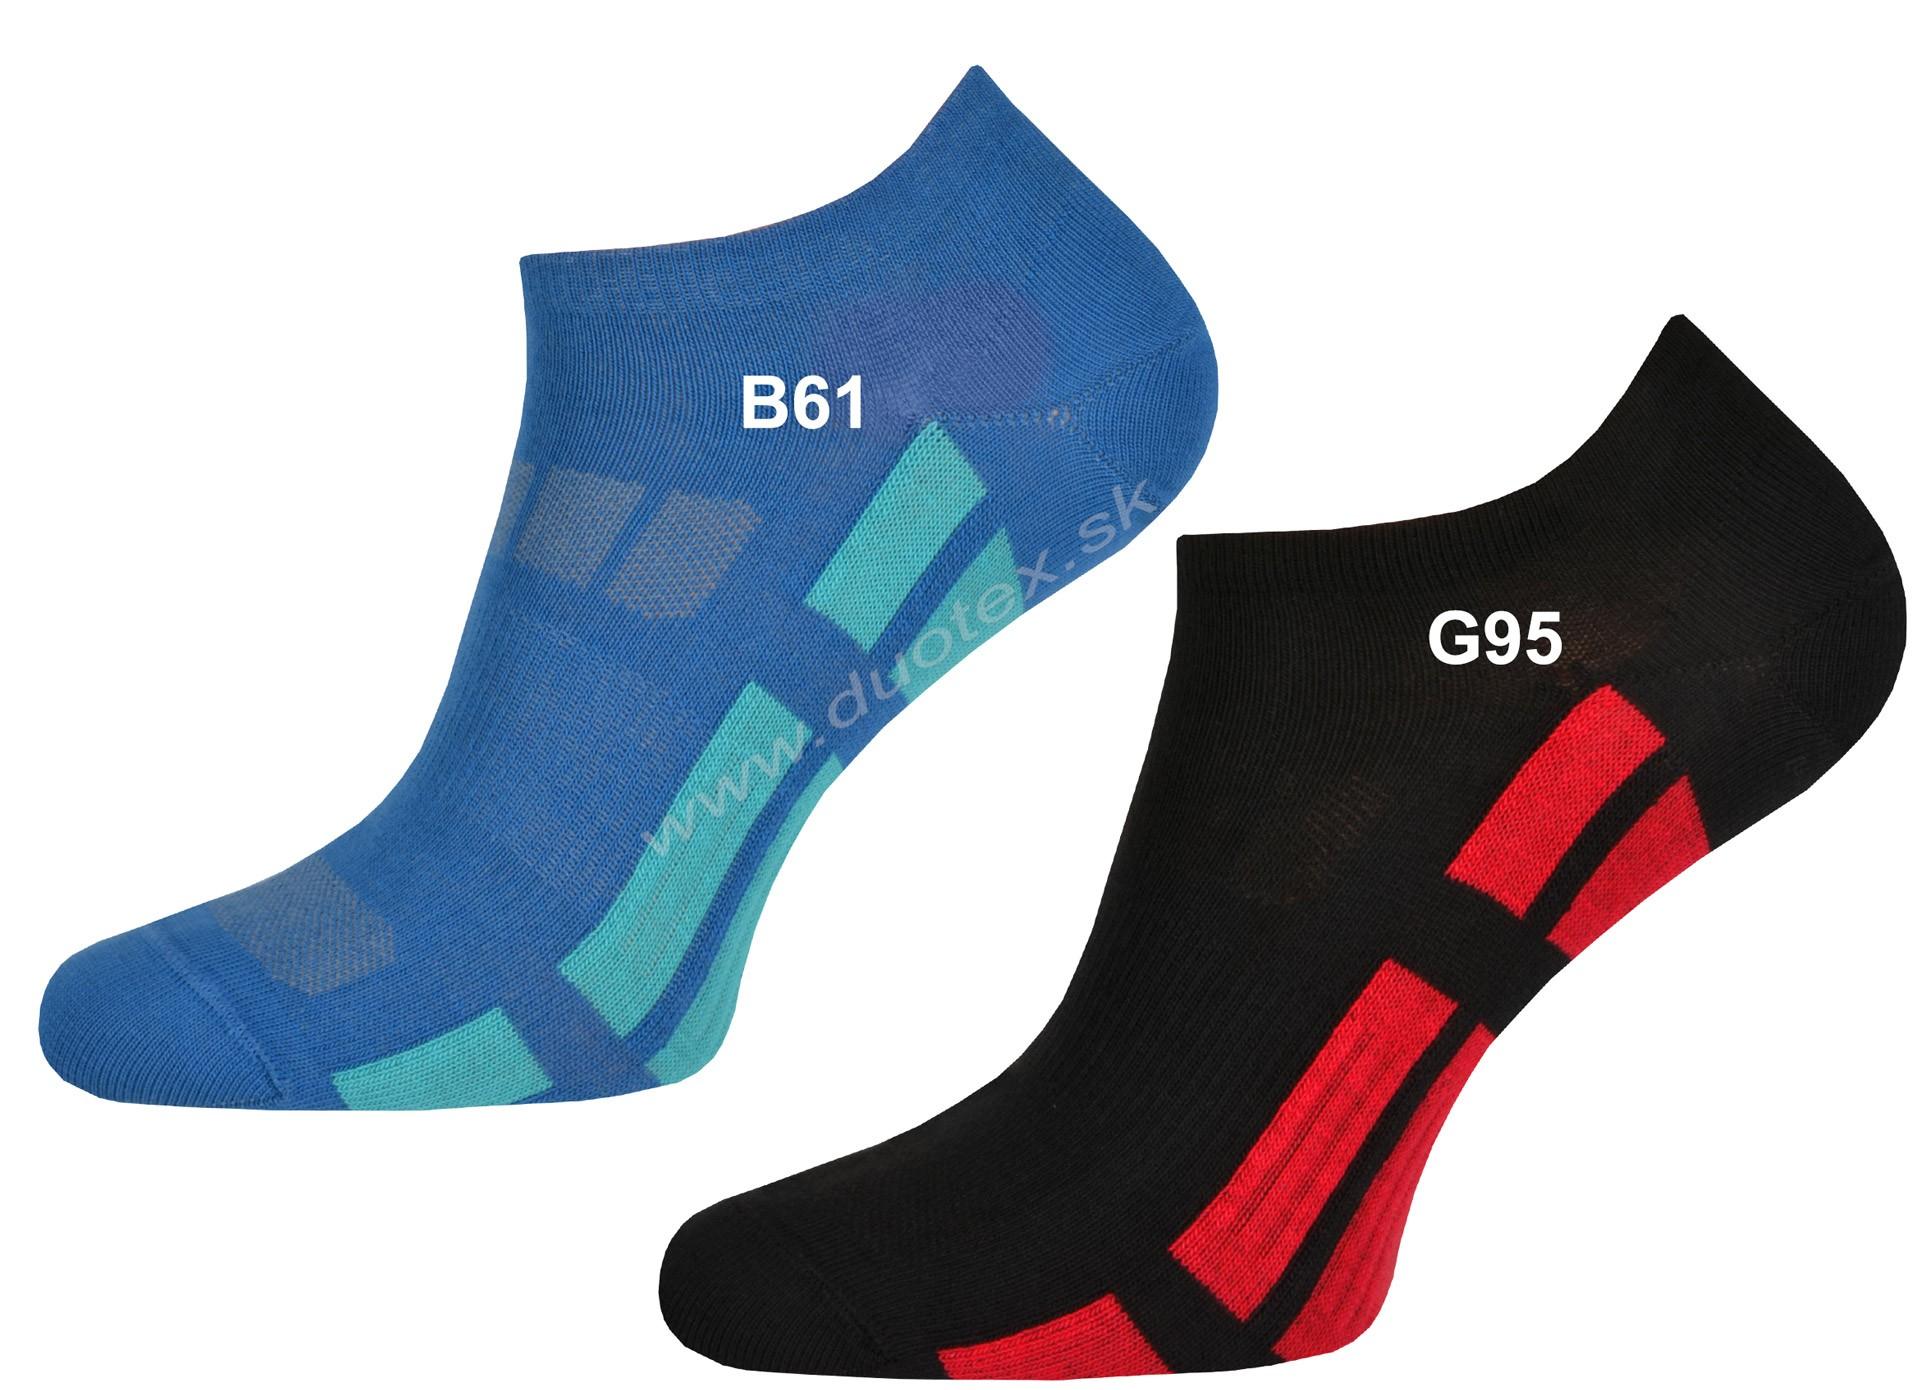 a6277ae0c športové členkové bavlnené ponožky s iónmi striebra. Použitie inovaktívneho  vlákna Prolen Siltex s antibakteriálnymi vlastnosťami obmedzuje množenie ...